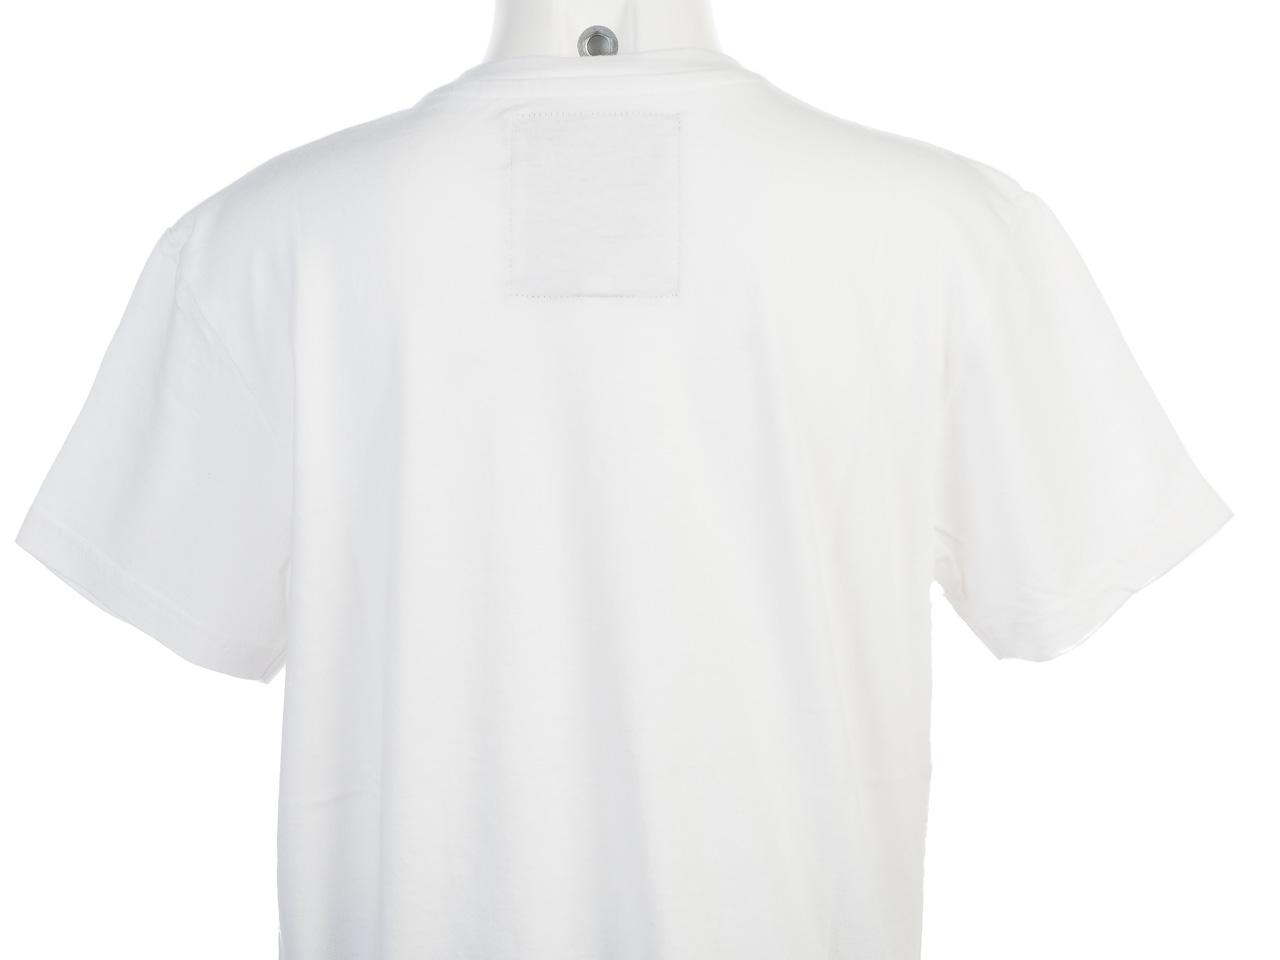 Tee-shirt-manches-courtes-Biaggio-Loumalos-blc-trq-mc-tee-k-Blanc-78985-Neuf